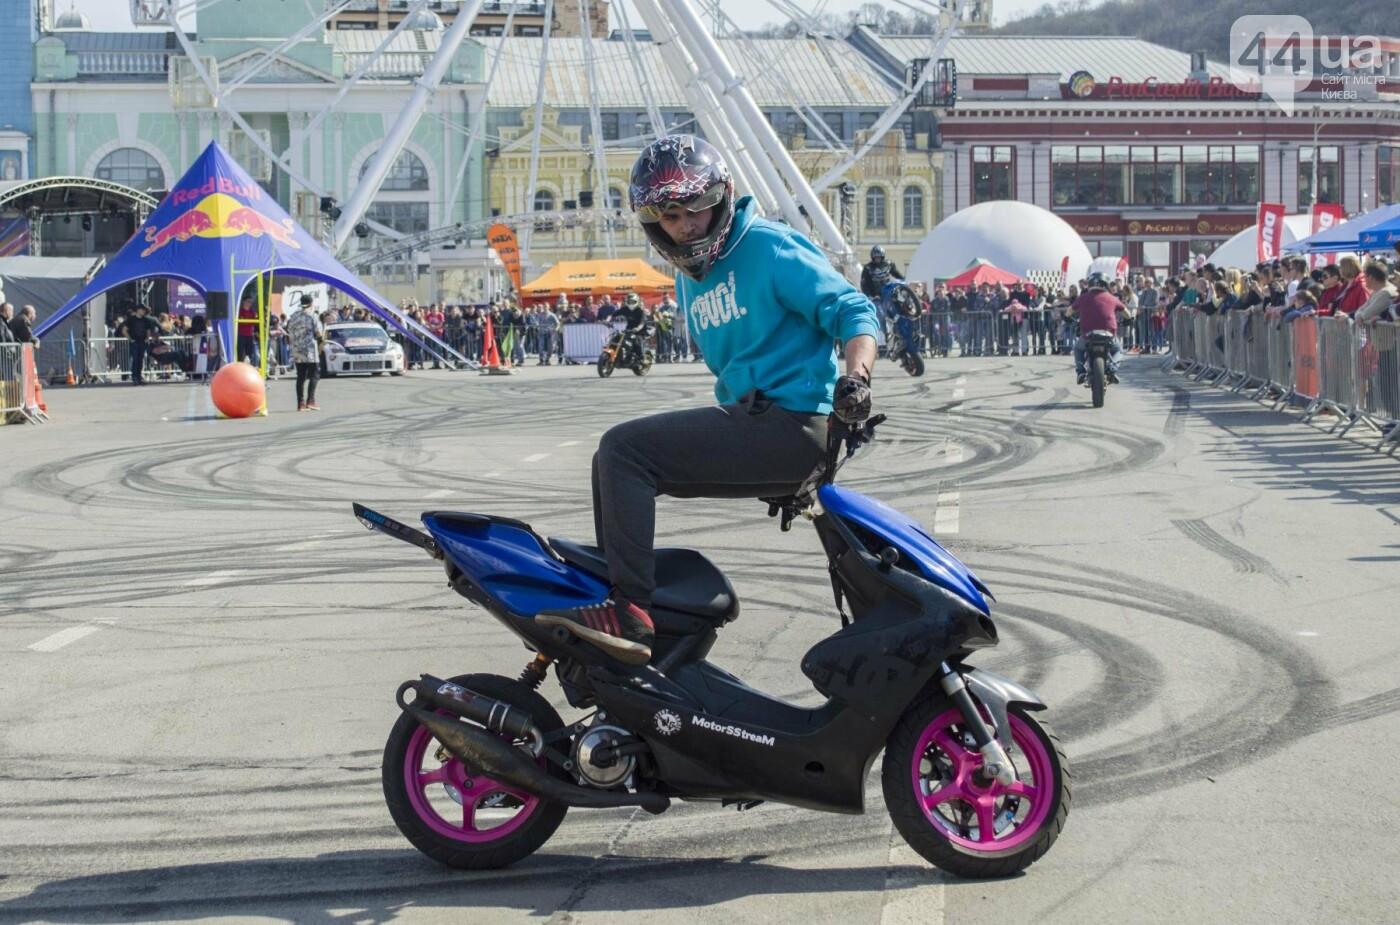 Мотогонки, автошоу патрульных и мощный дрифт: на Подоле проходит масштабный фестиваль драйва, фото-4